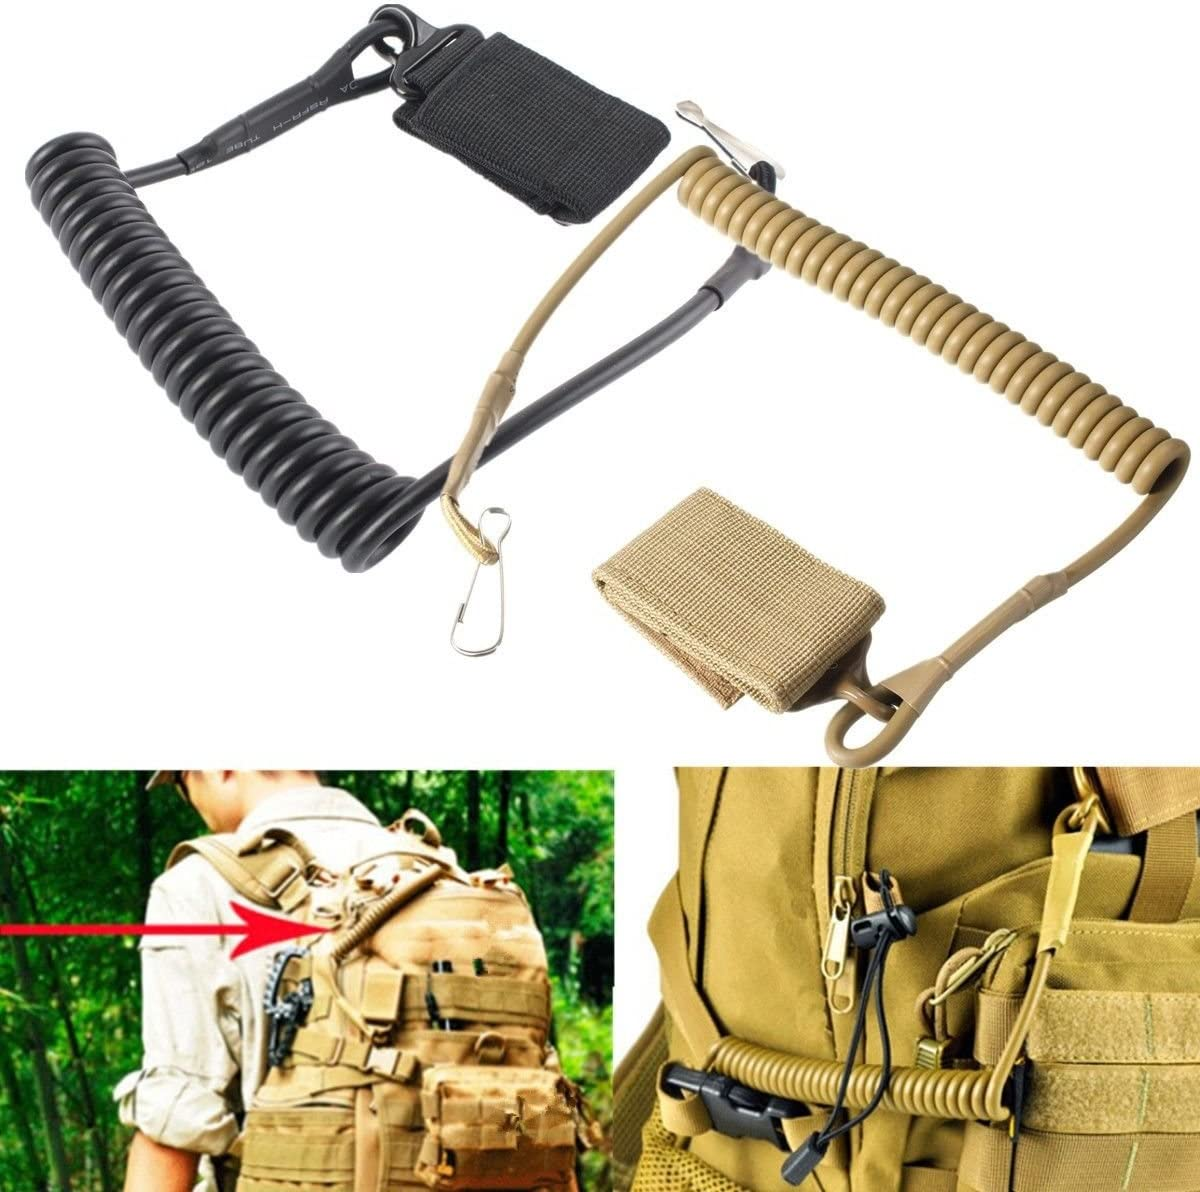 Yosoo Health Gear Clip Molle Tactique Accessoire Ceinturon Tactique Attache Ceinturon Tacticals Molle Hook Tacticals Porte-cl/és Porte-cl/és Sangle Porte-cl/és Tactique Molle Accrochage Ceinture